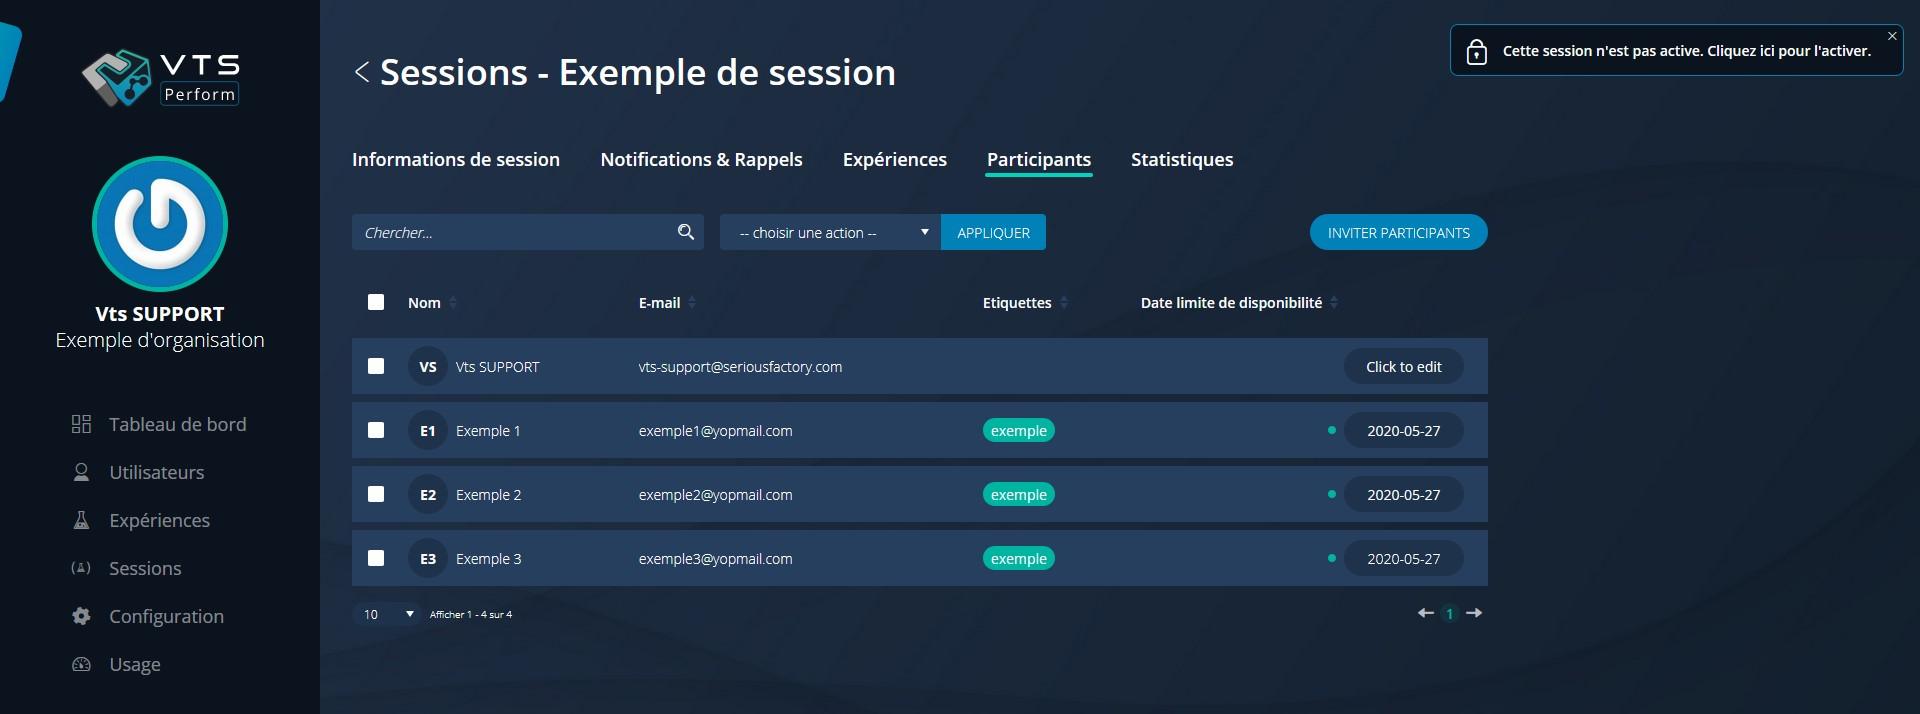 perform_sessionusers4_fr.jpg (135 KB)